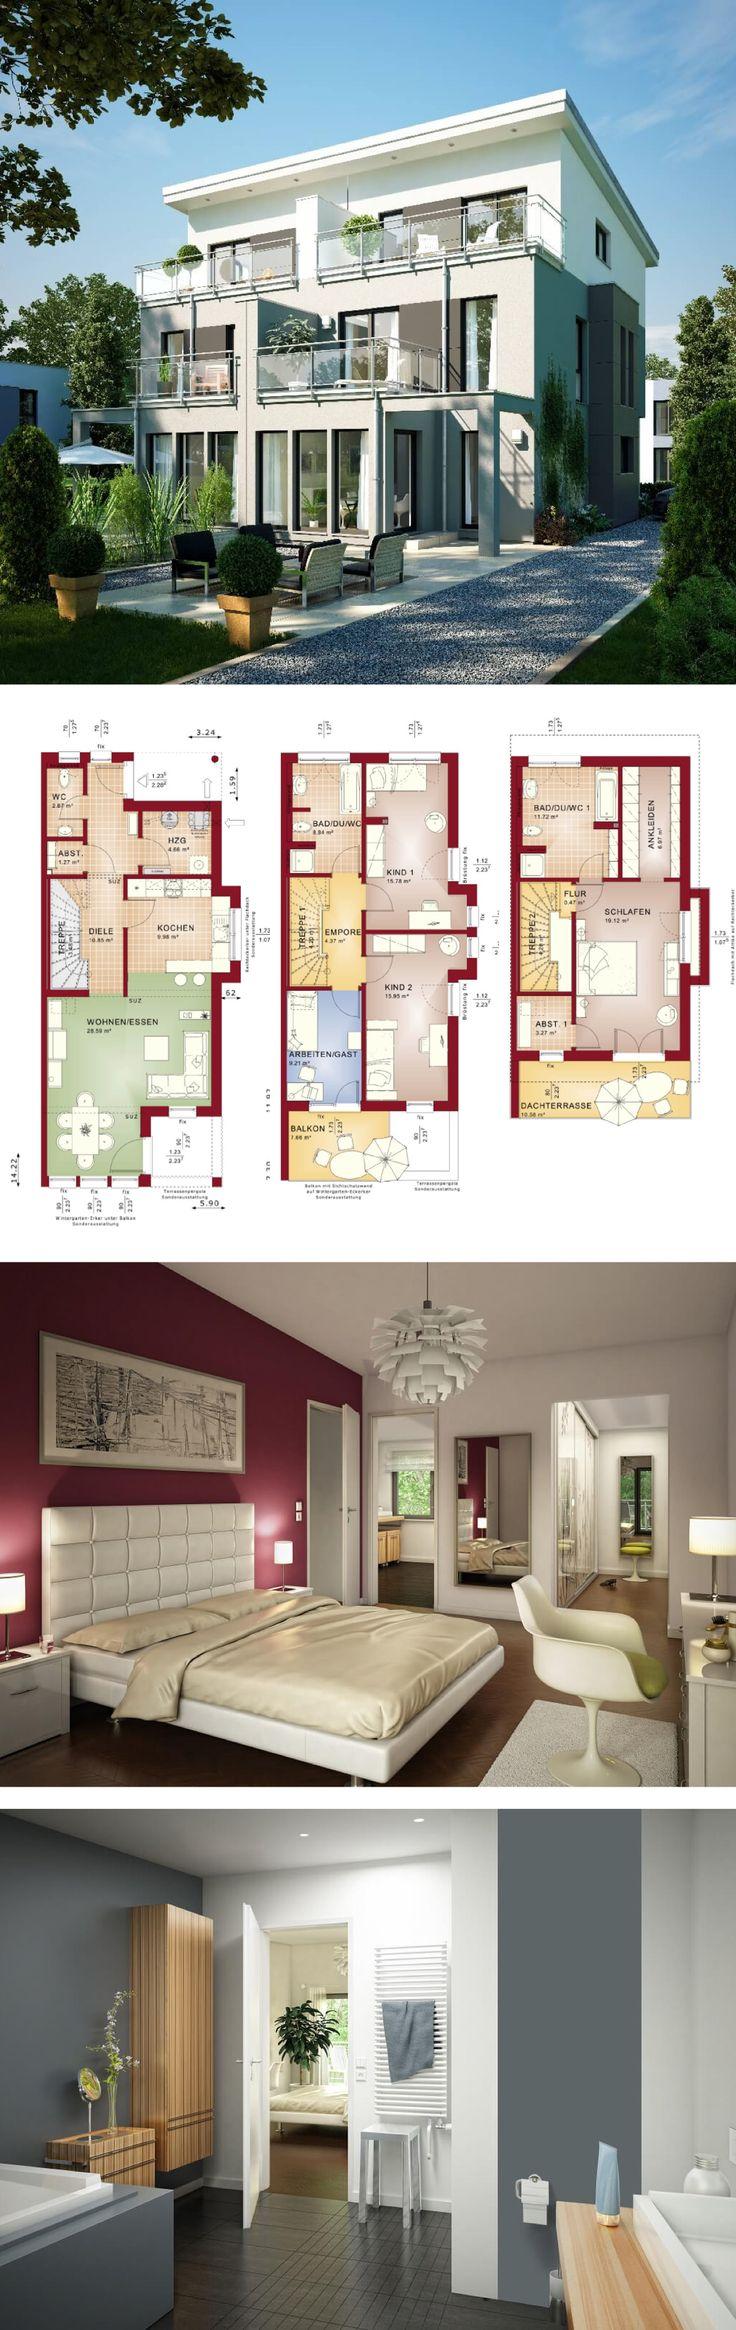 Modernes Design-Haus mit Pultdach – Doppelhaus Celebration 110 V7 XL Bien Zenker – HausbauDirekt.de – Eidi Putri